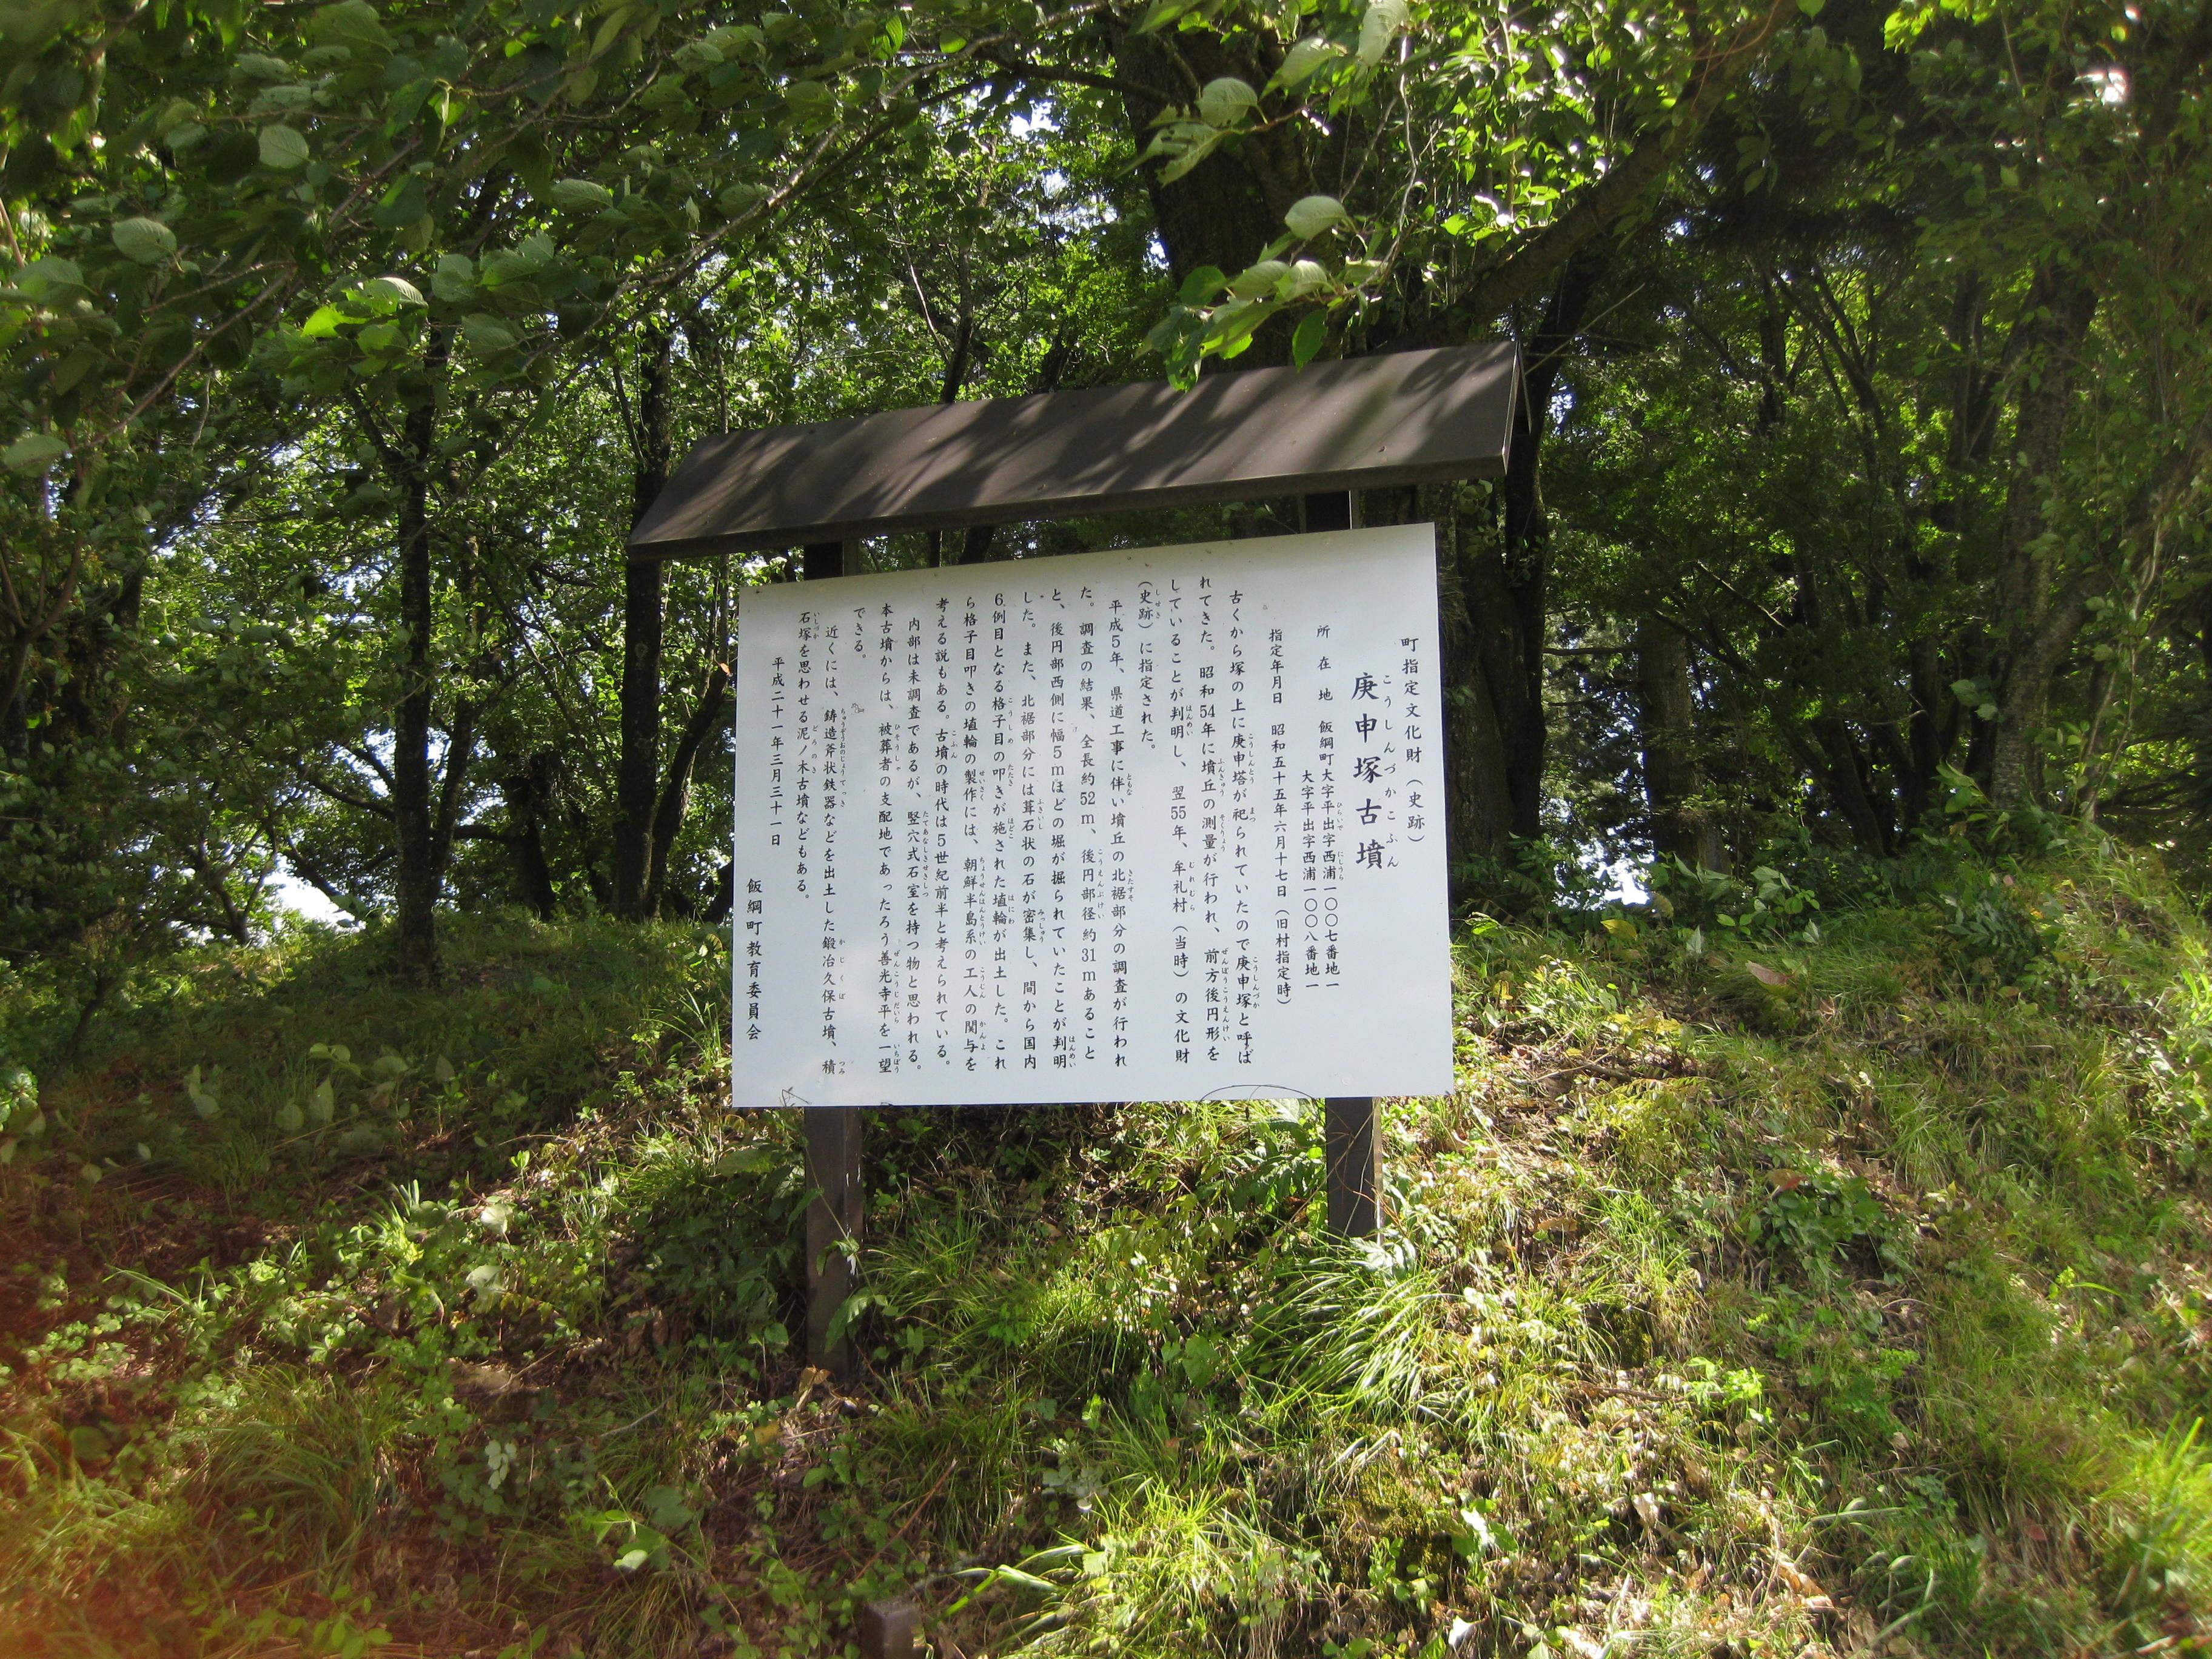 56庚申塚古墳(こうしんづかこふん)(町指定史跡)